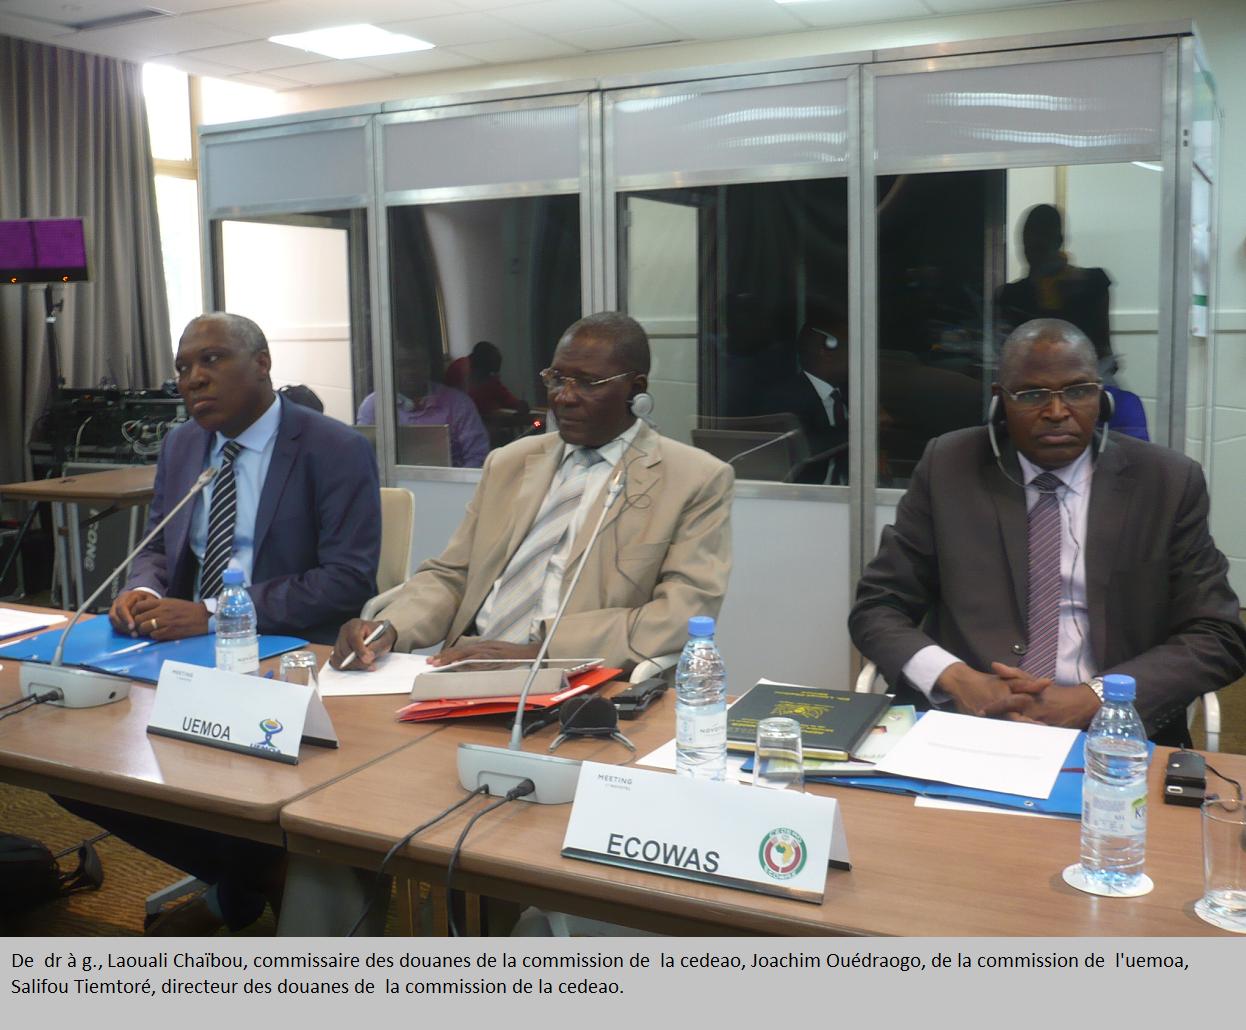 CEDEAO - Interrogations sur la réelle volonté des Etats membres : 6 pays n'appliquent pas le TEC